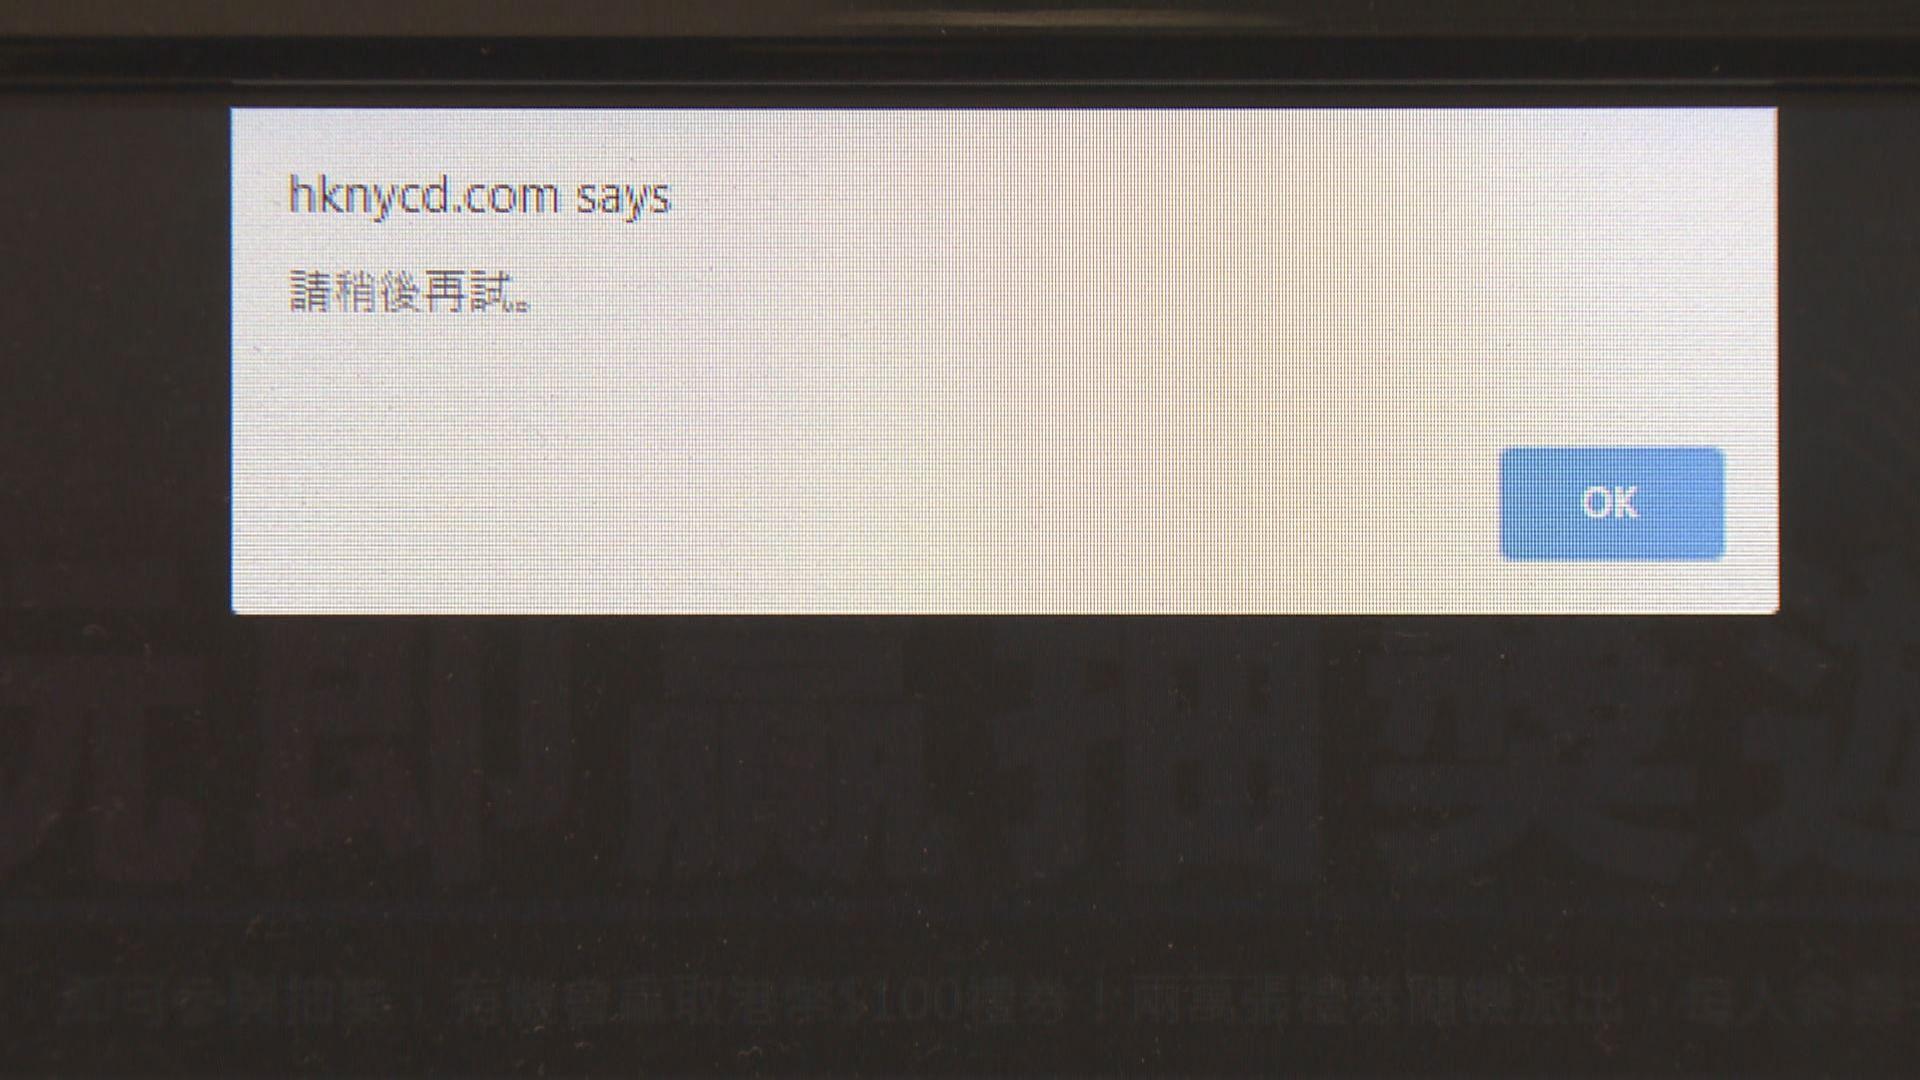 旅發局除夕大抽獎網站繁忙 旅發局建議稍後嘗試登入